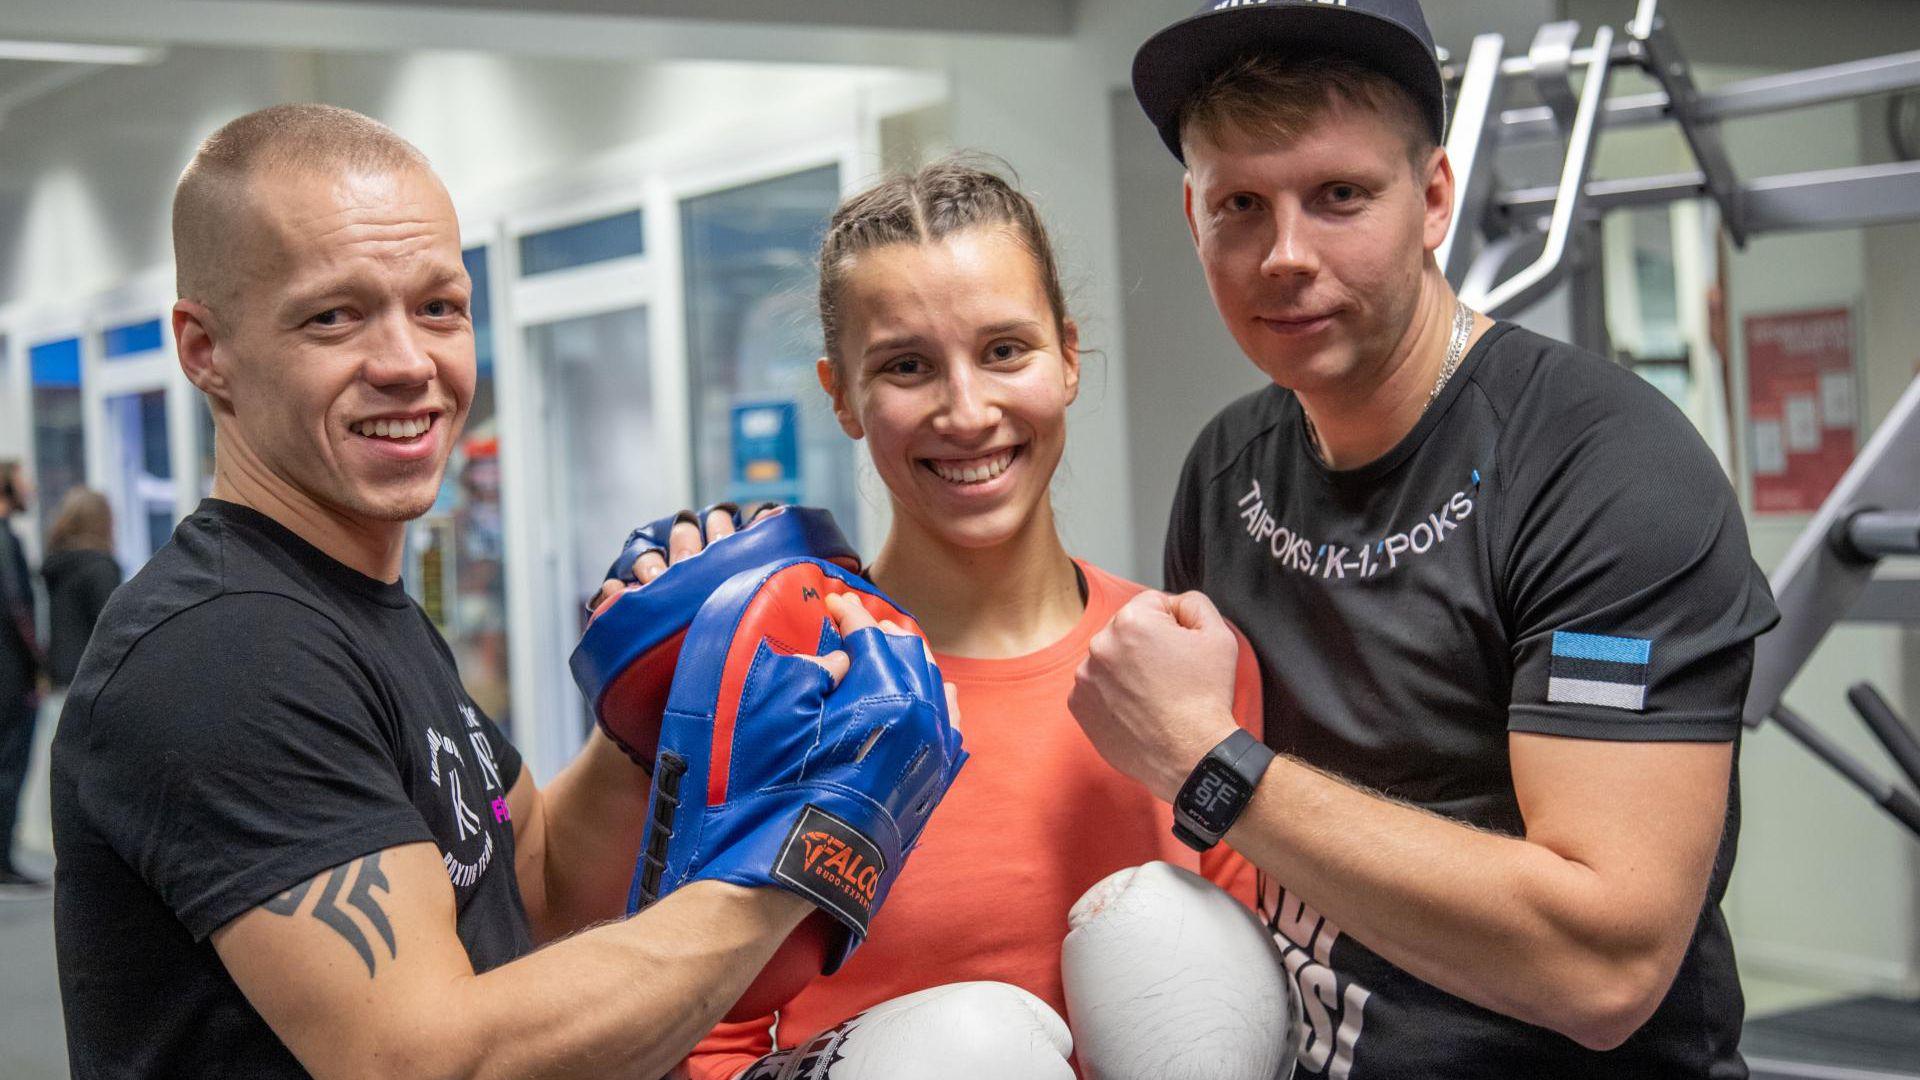 Möödunud nädalavahetusel tehti Viljandis spordiajalugu: siin peeti esimest korda Eesti Tai poksi meistrivõistlusi. Kohalikele kujunes mõõduvõtt edukaks: nad või